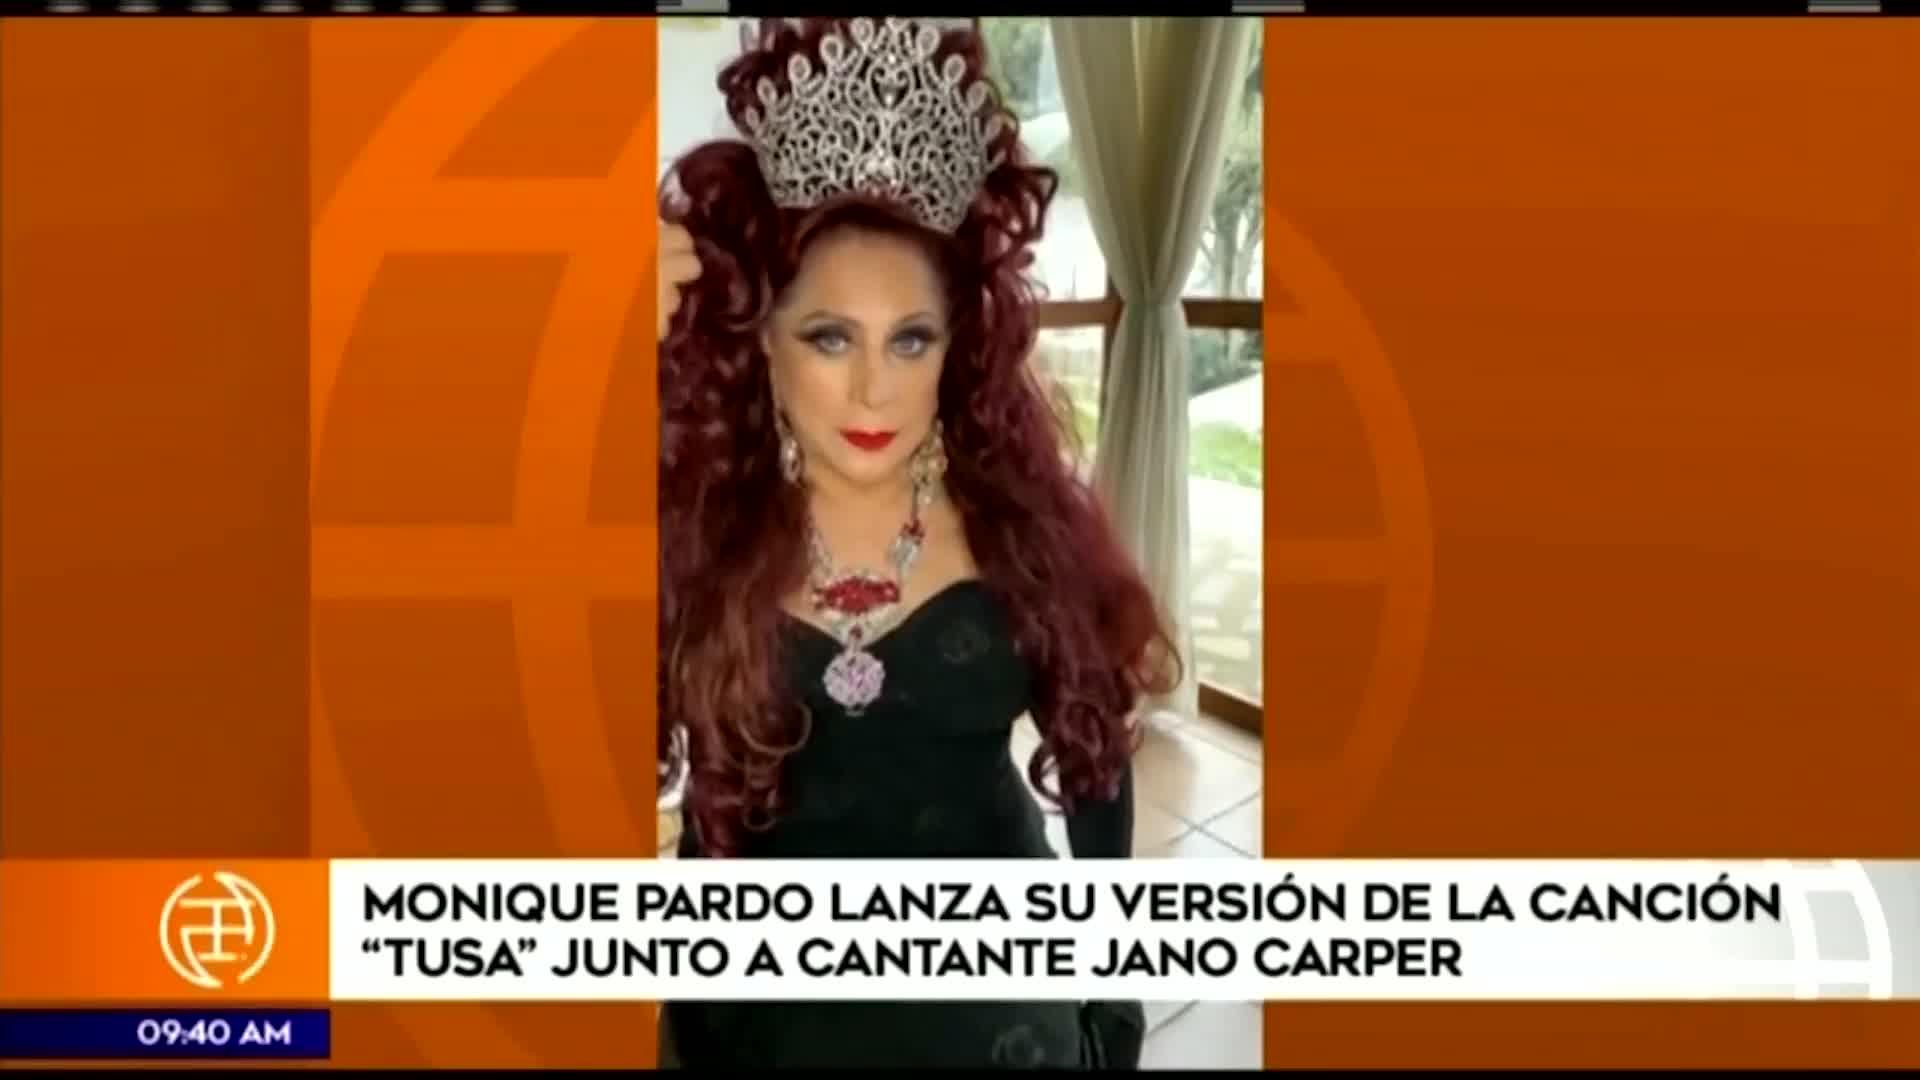 Monique Pardo sorprende con 'Trusa', una nueva versión de 'Tusa'